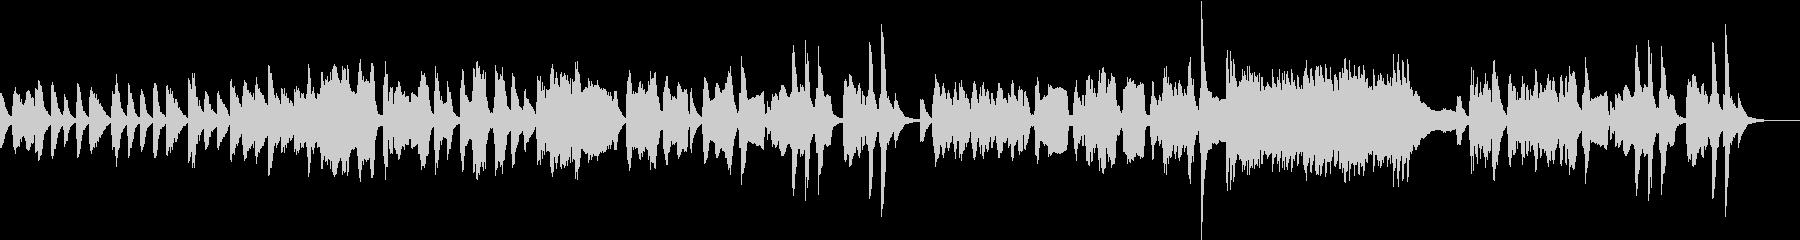 東欧風、ジプシーのような3拍子の曲の未再生の波形